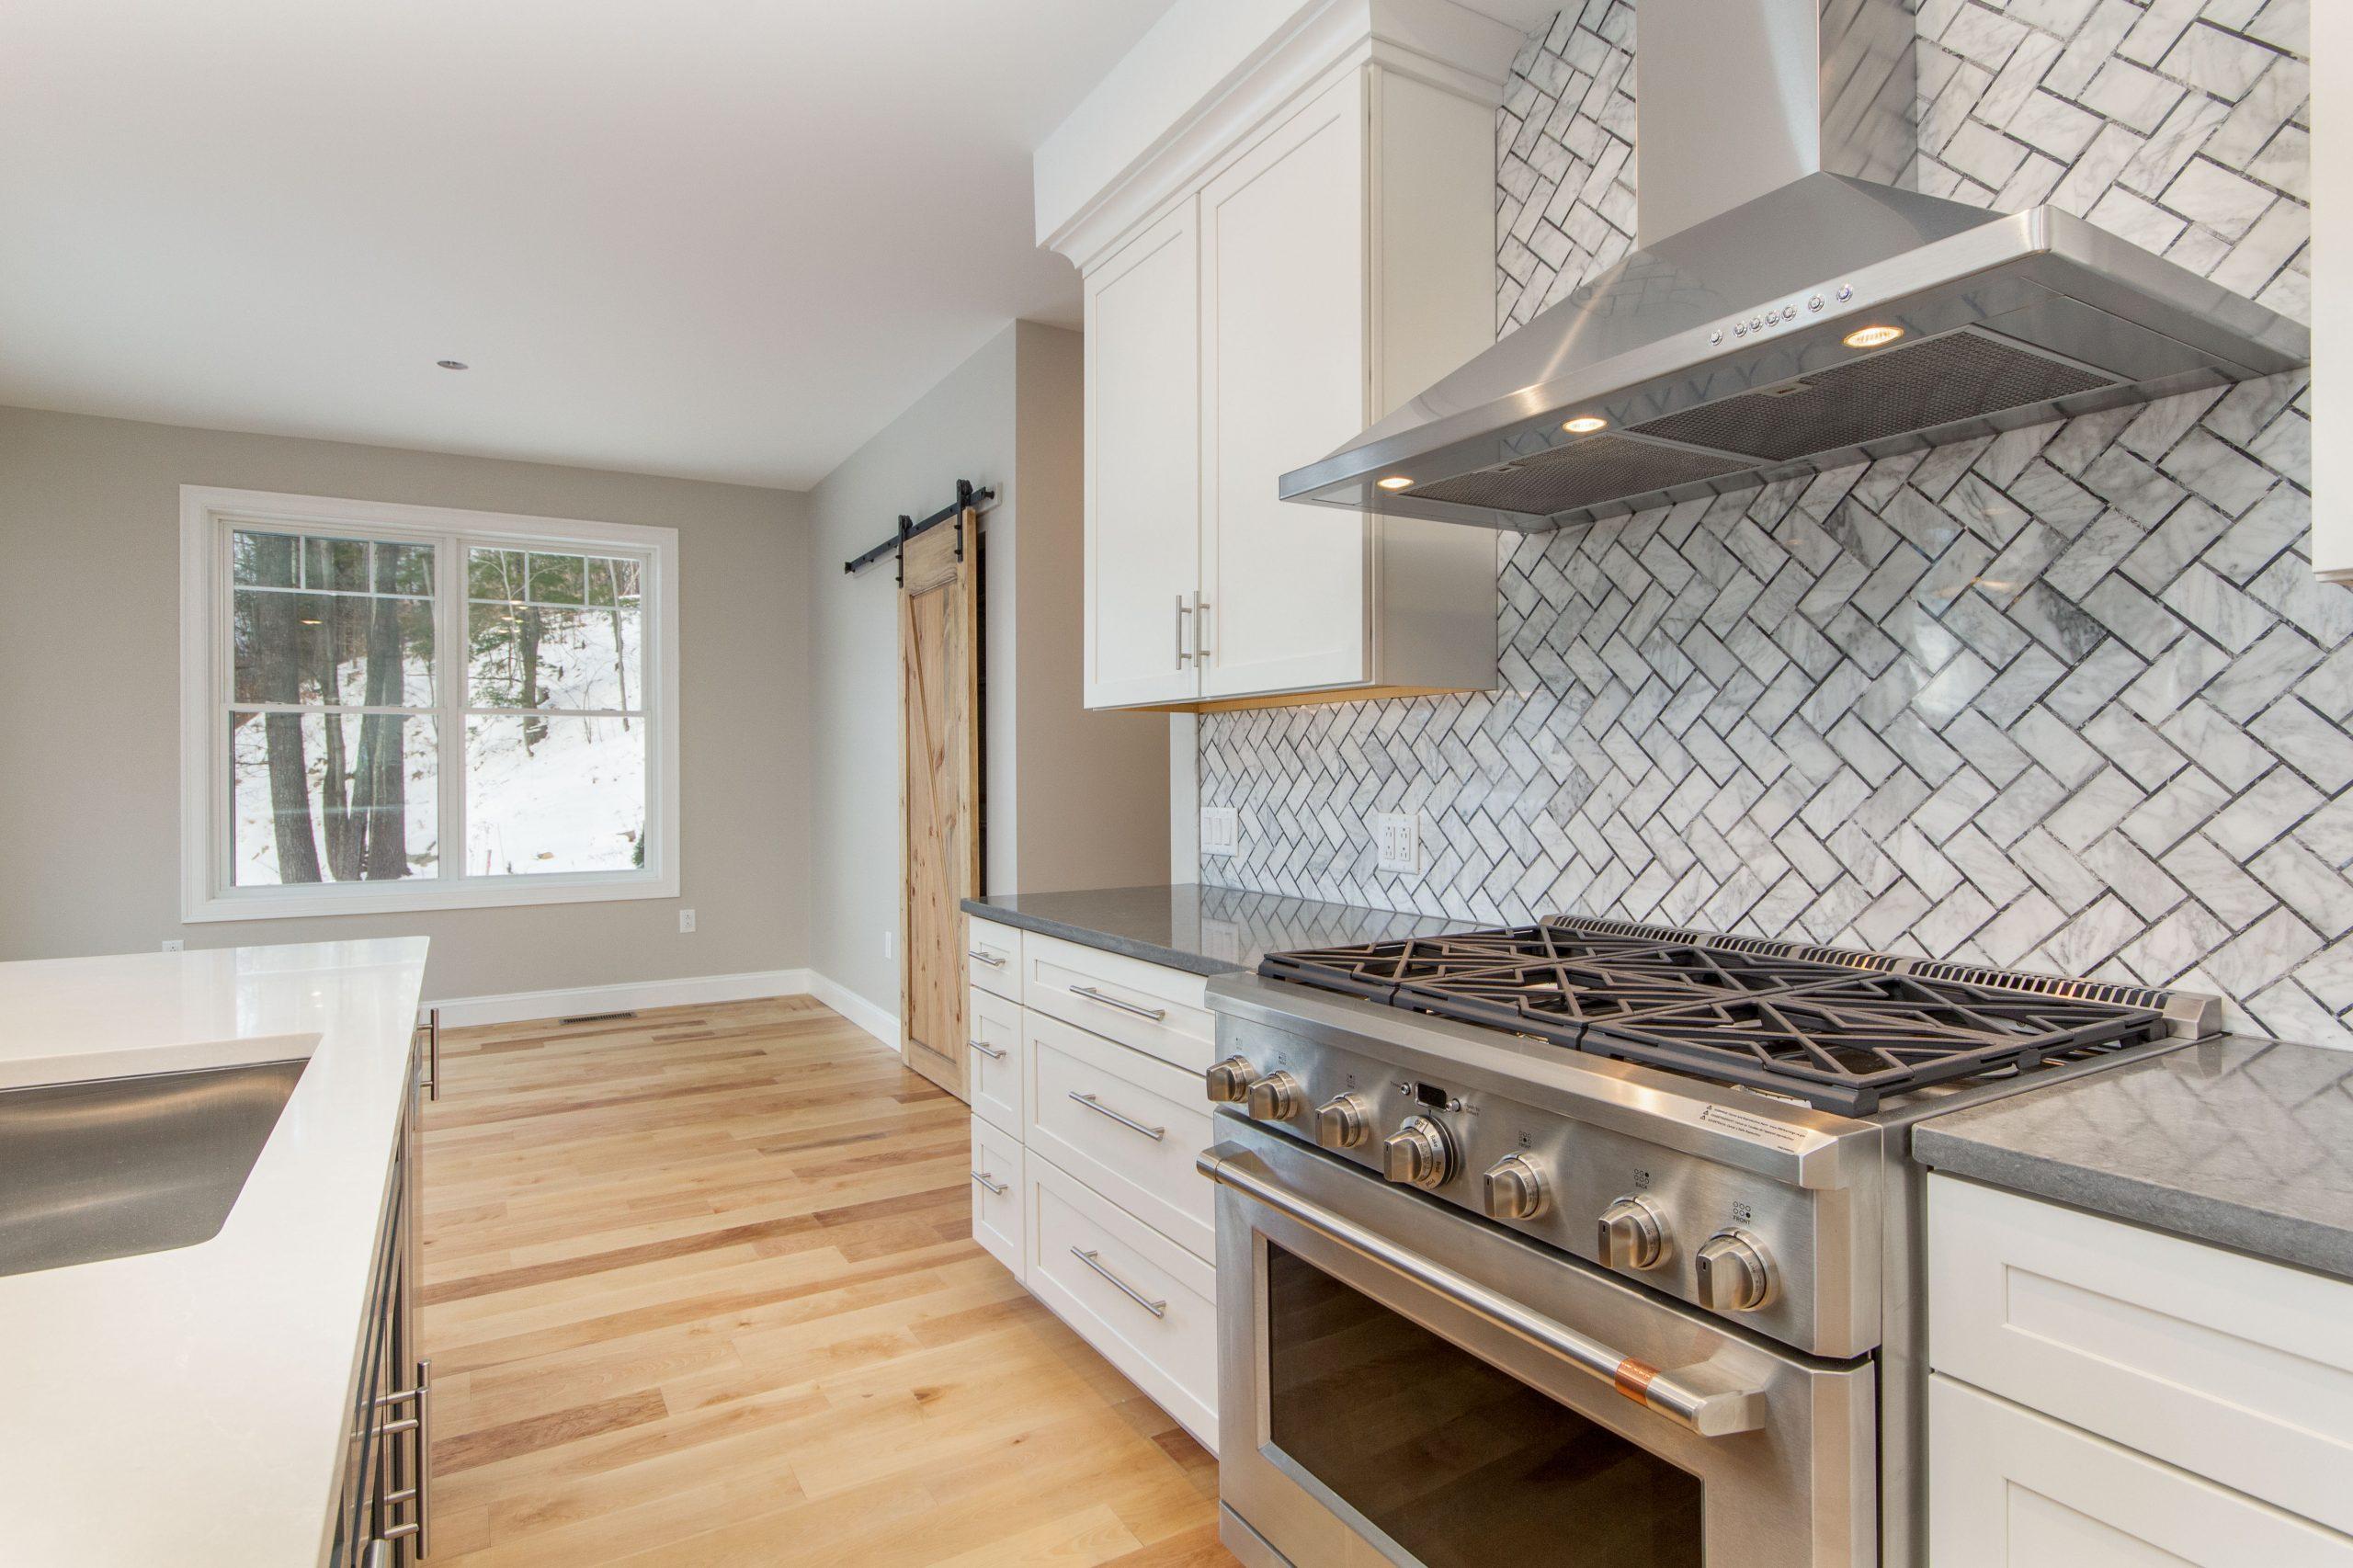 Lacillade's Dream Kitchen Design